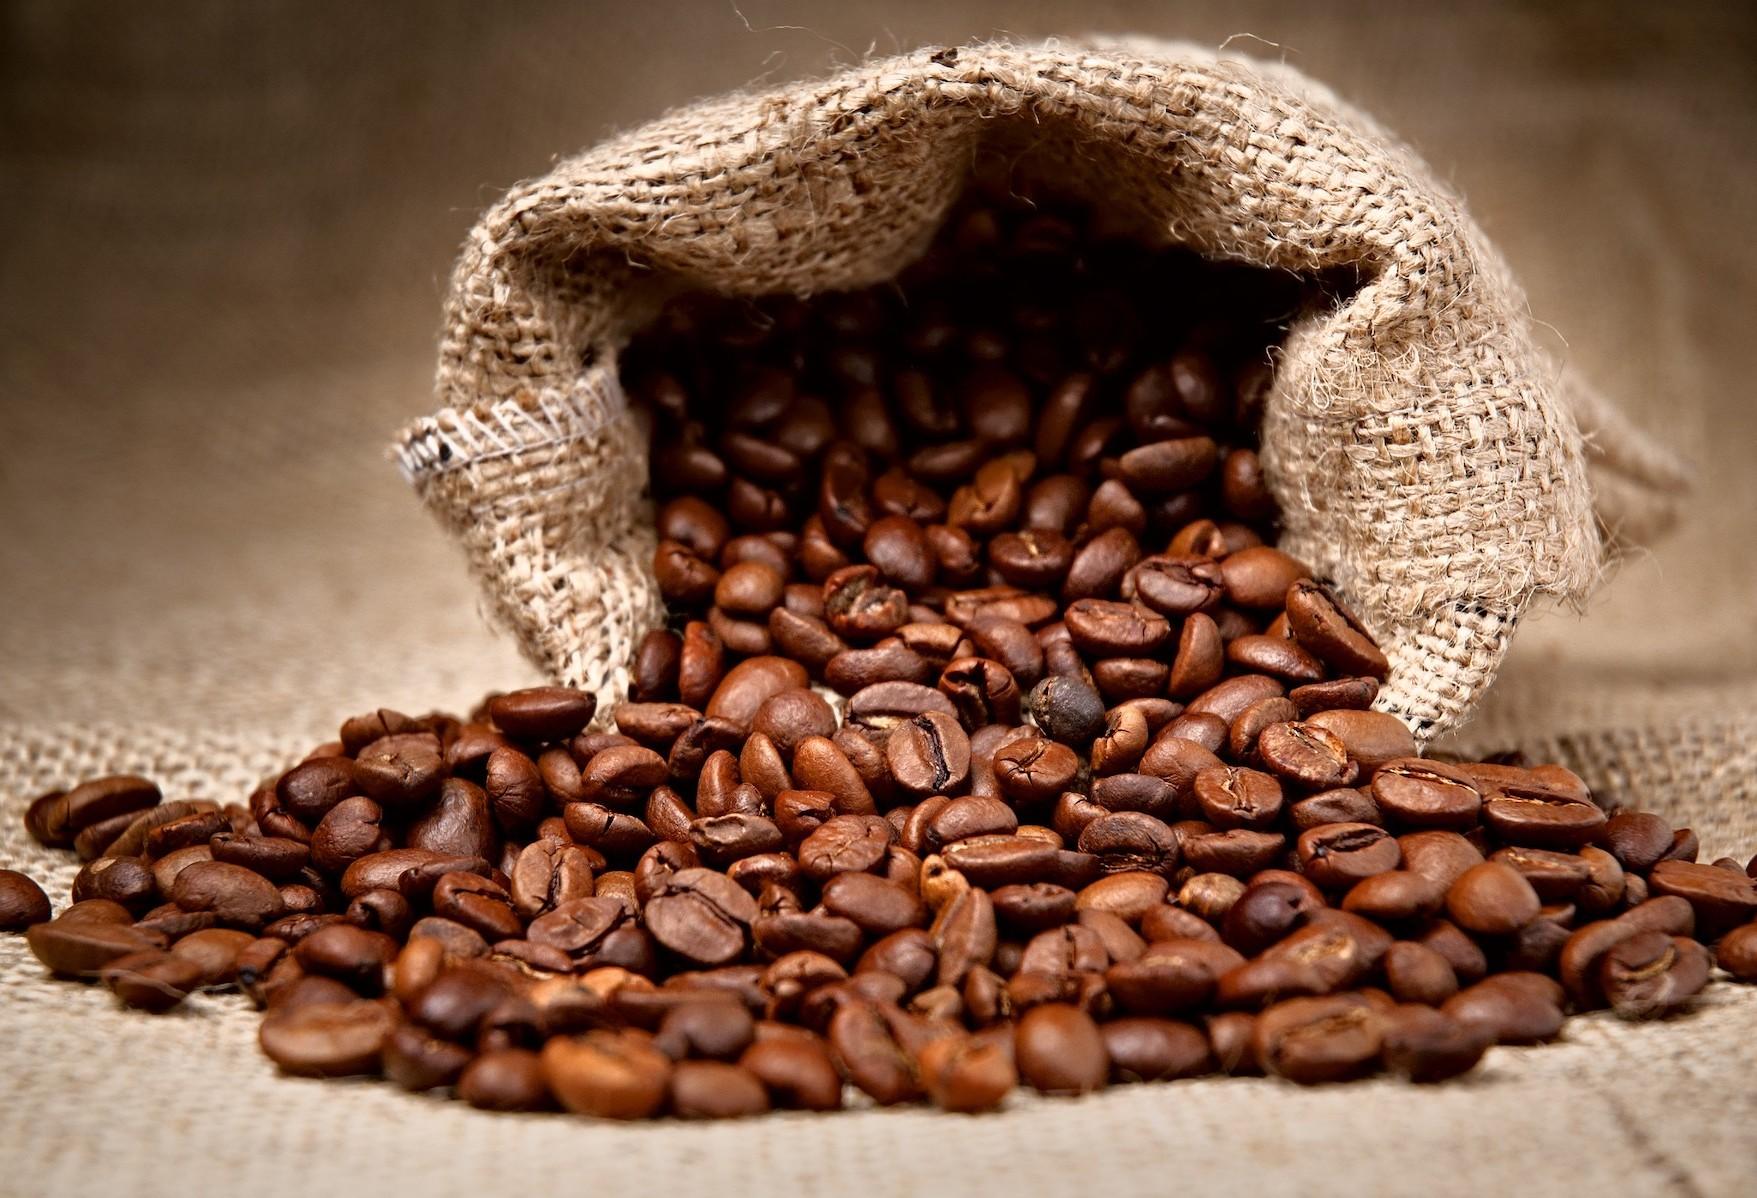 Saca do café custa R$ 369 na região de Maringá